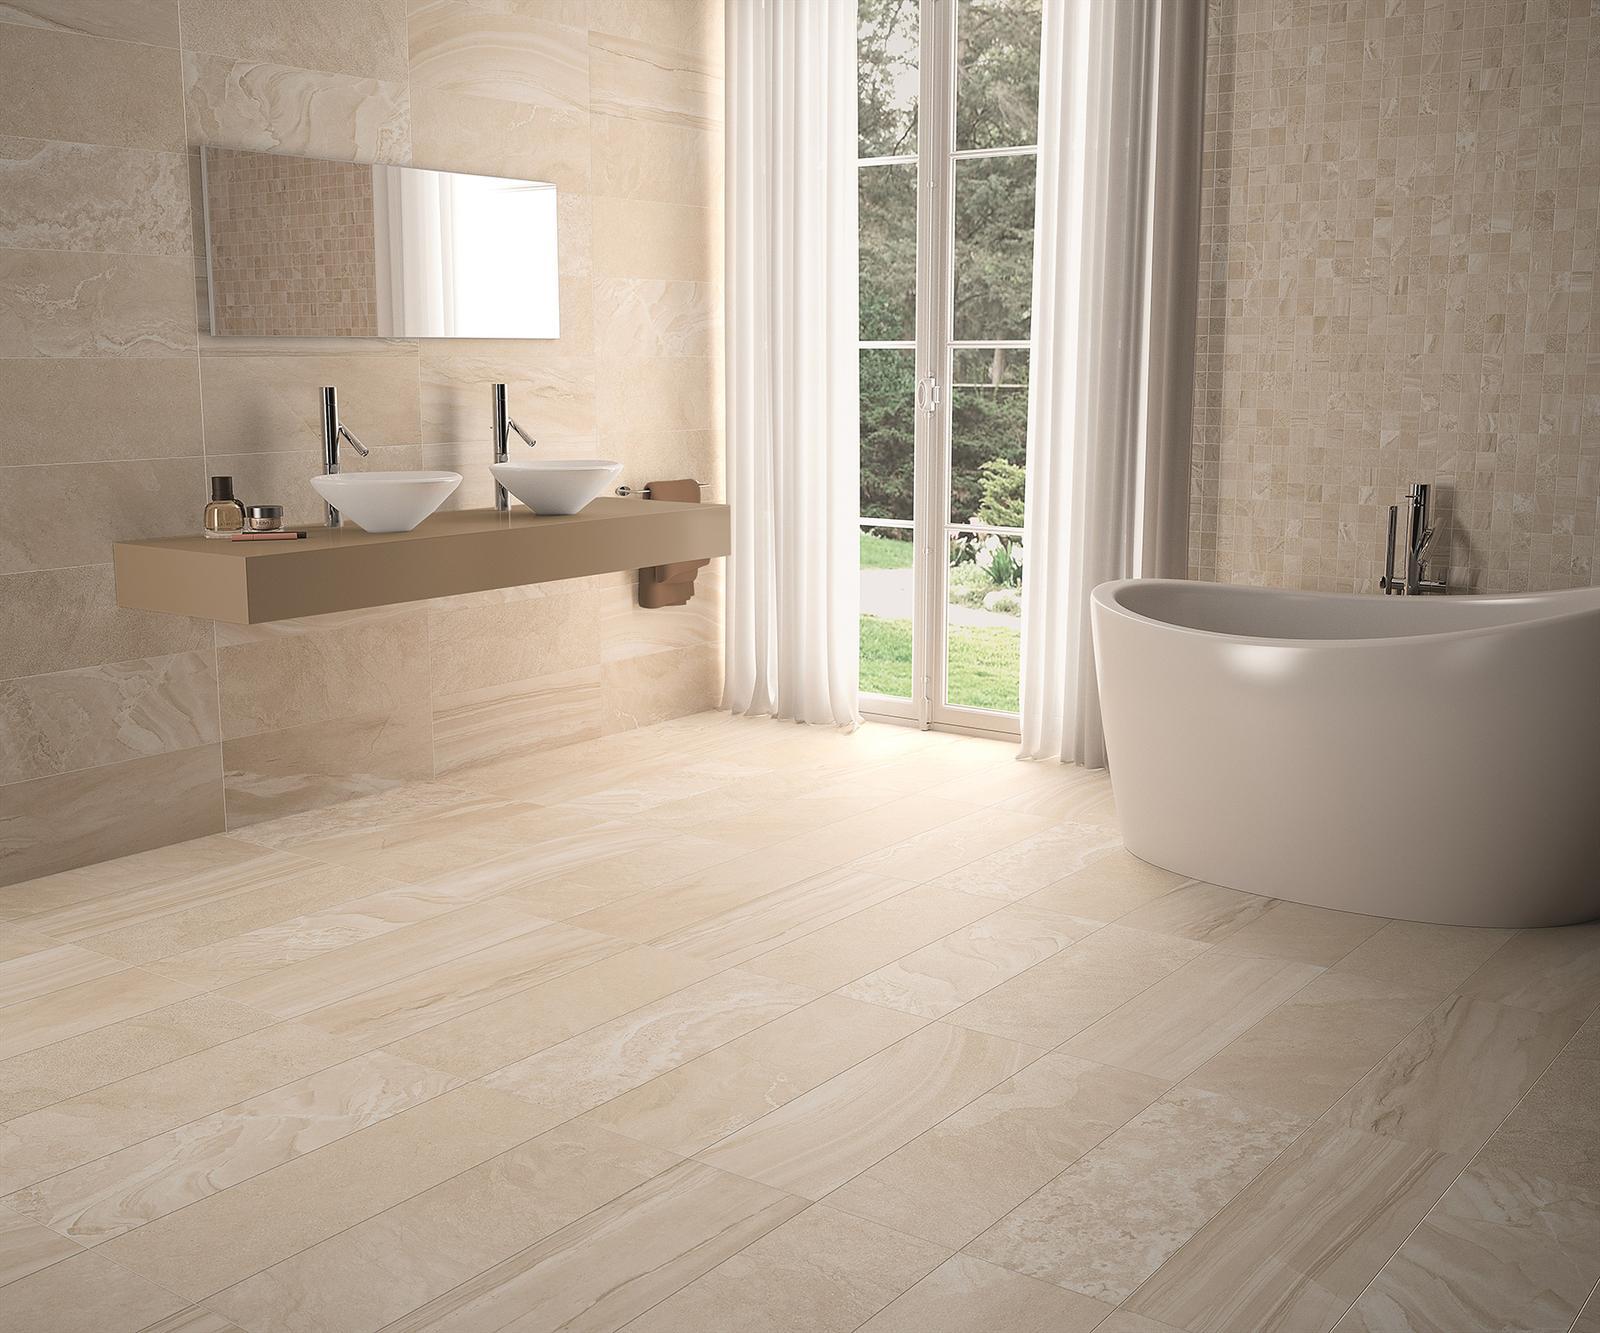 Luxusné kúpelne zo Španielska - moderná matná kúpeľňa Multigraf Bone 23,3x68,1